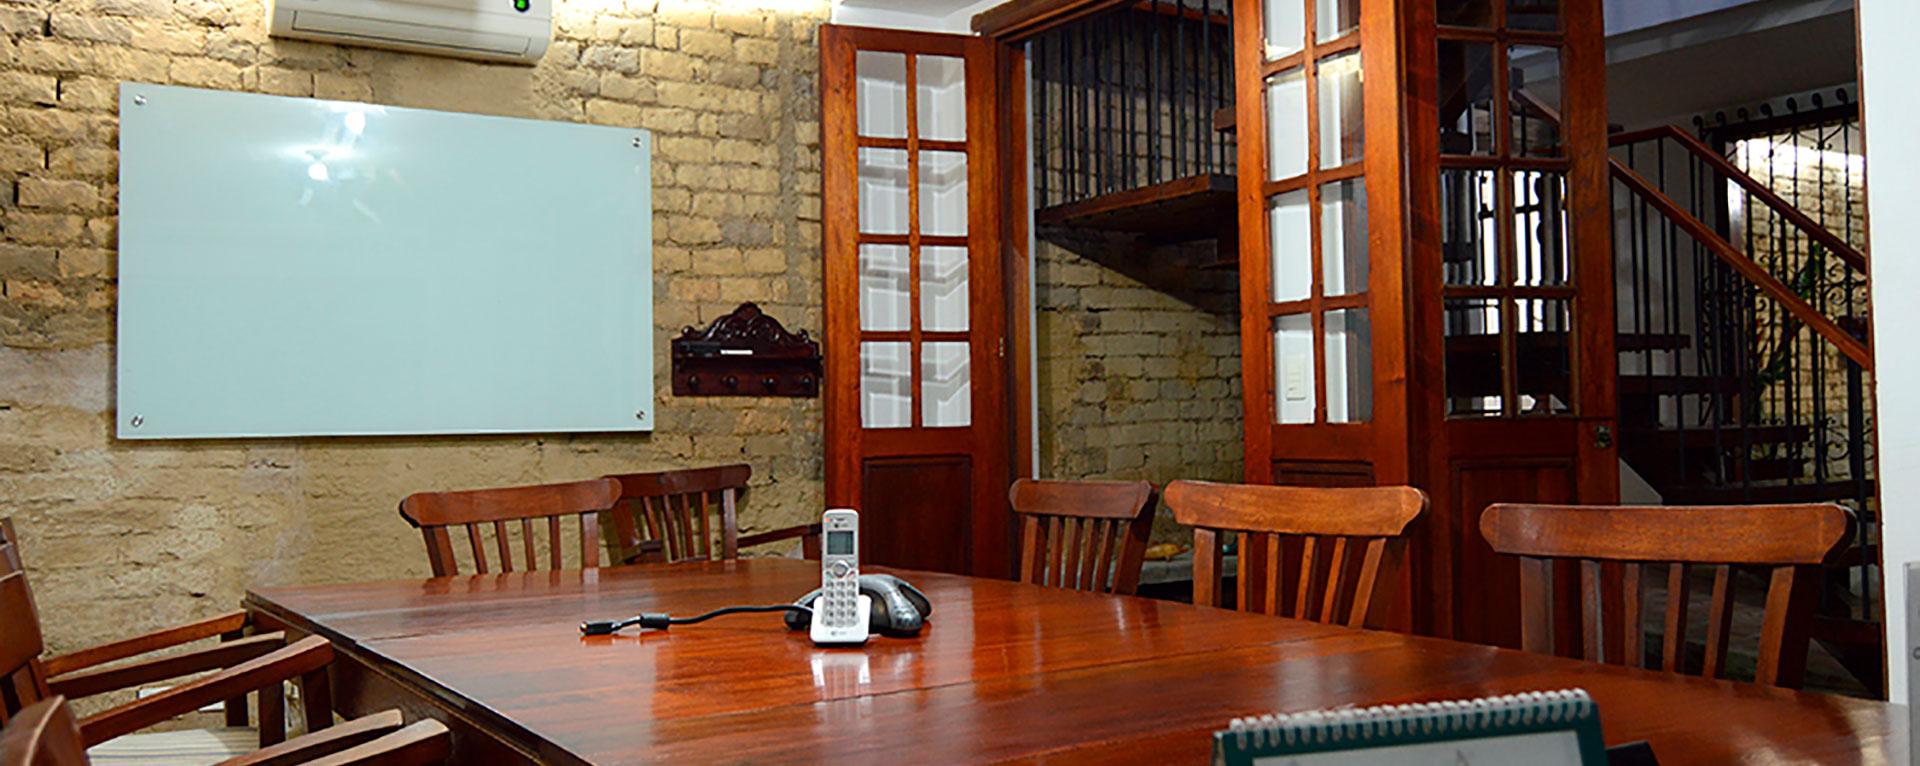 centrodenegocios-sala-conferencias